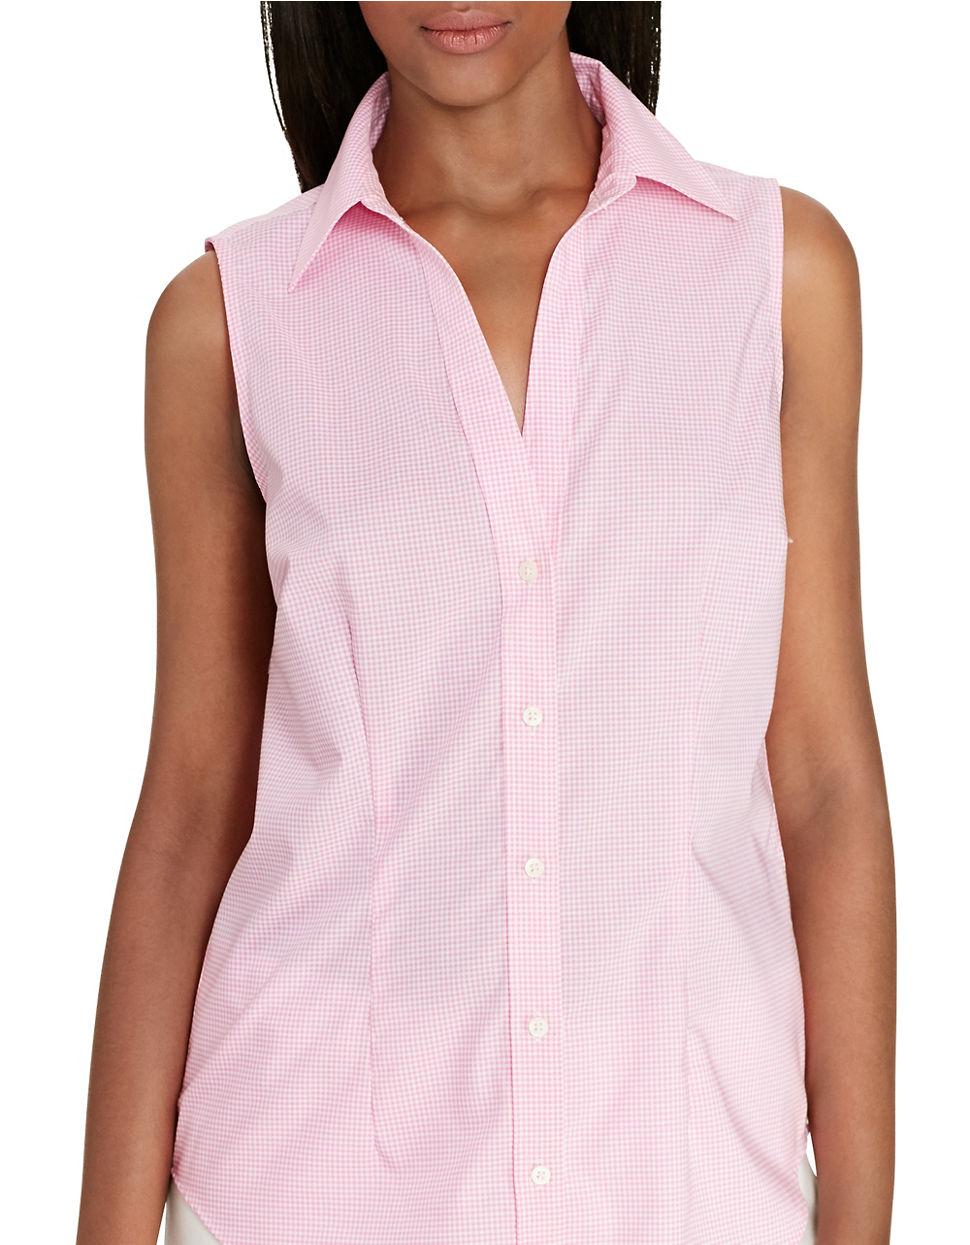 Lauren By Ralph Lauren Gingham Sleeveless Shirt In Pink Lyst